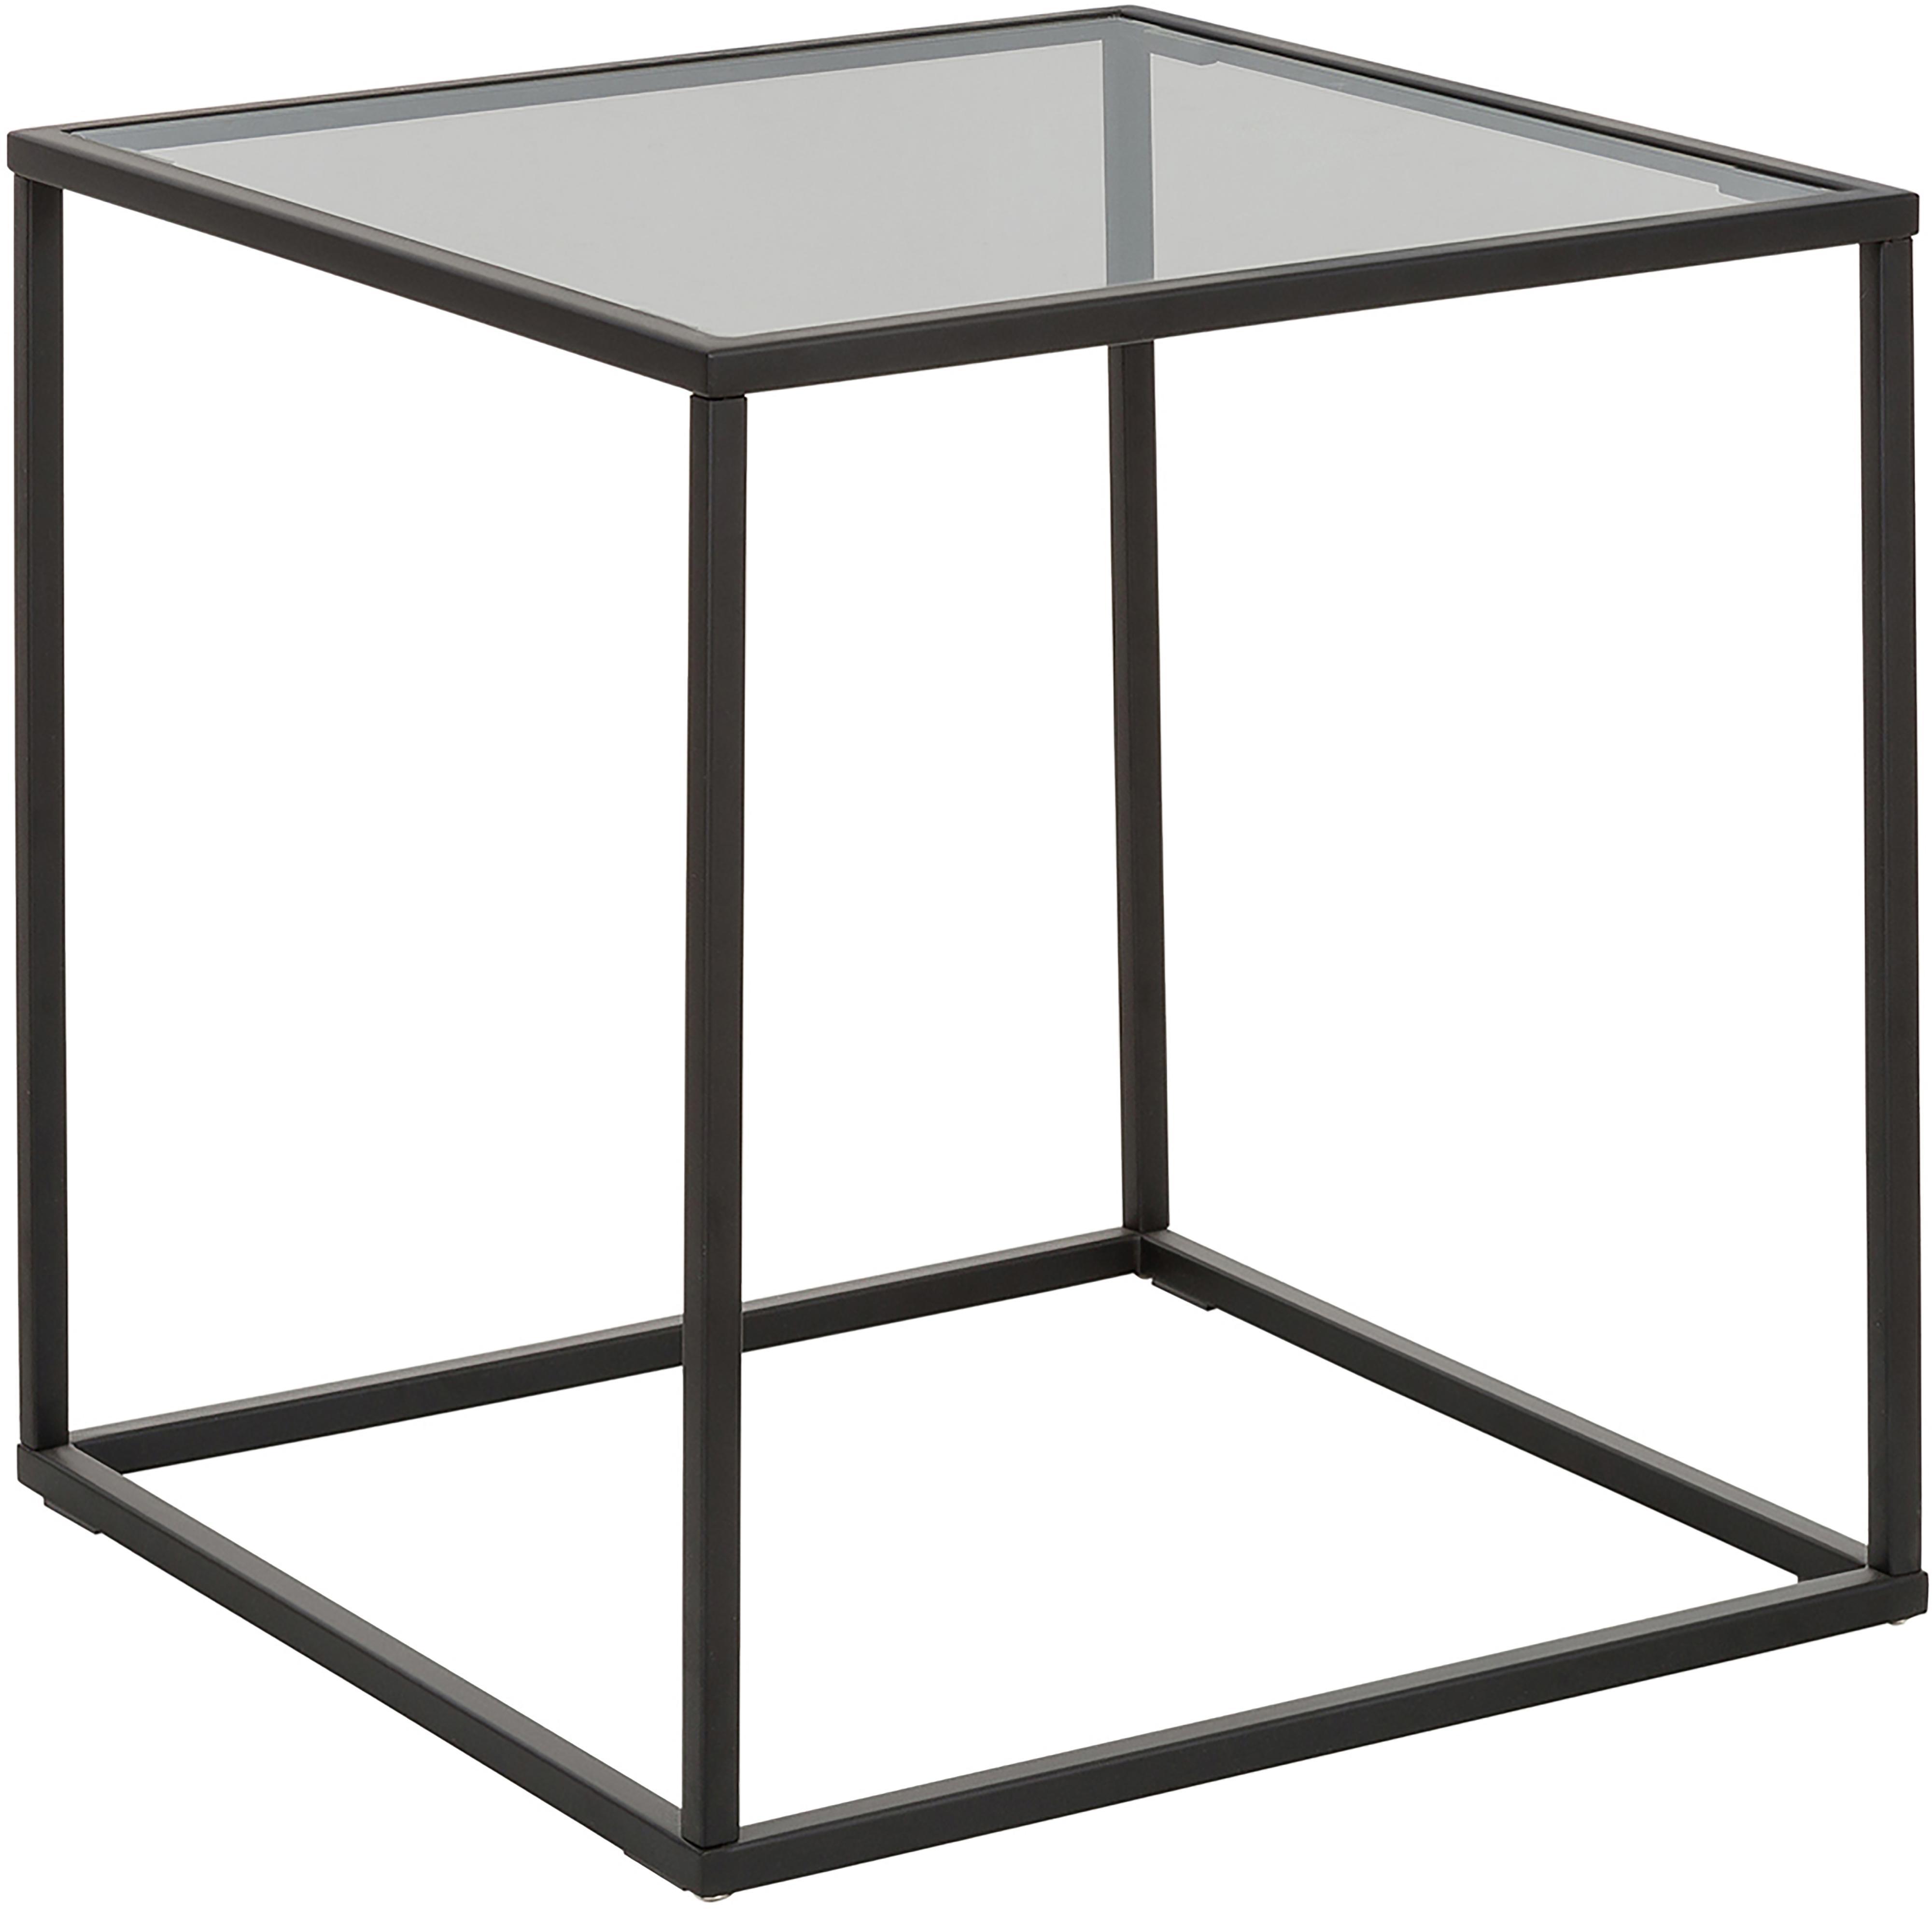 Mesa auxiliar Maya, tablero de cristal, Tablero: vidrio laminado, Estructura: metal con pintura en polv, Vidrio tintado en negro, negro mate, An 45 x Al 50 cm